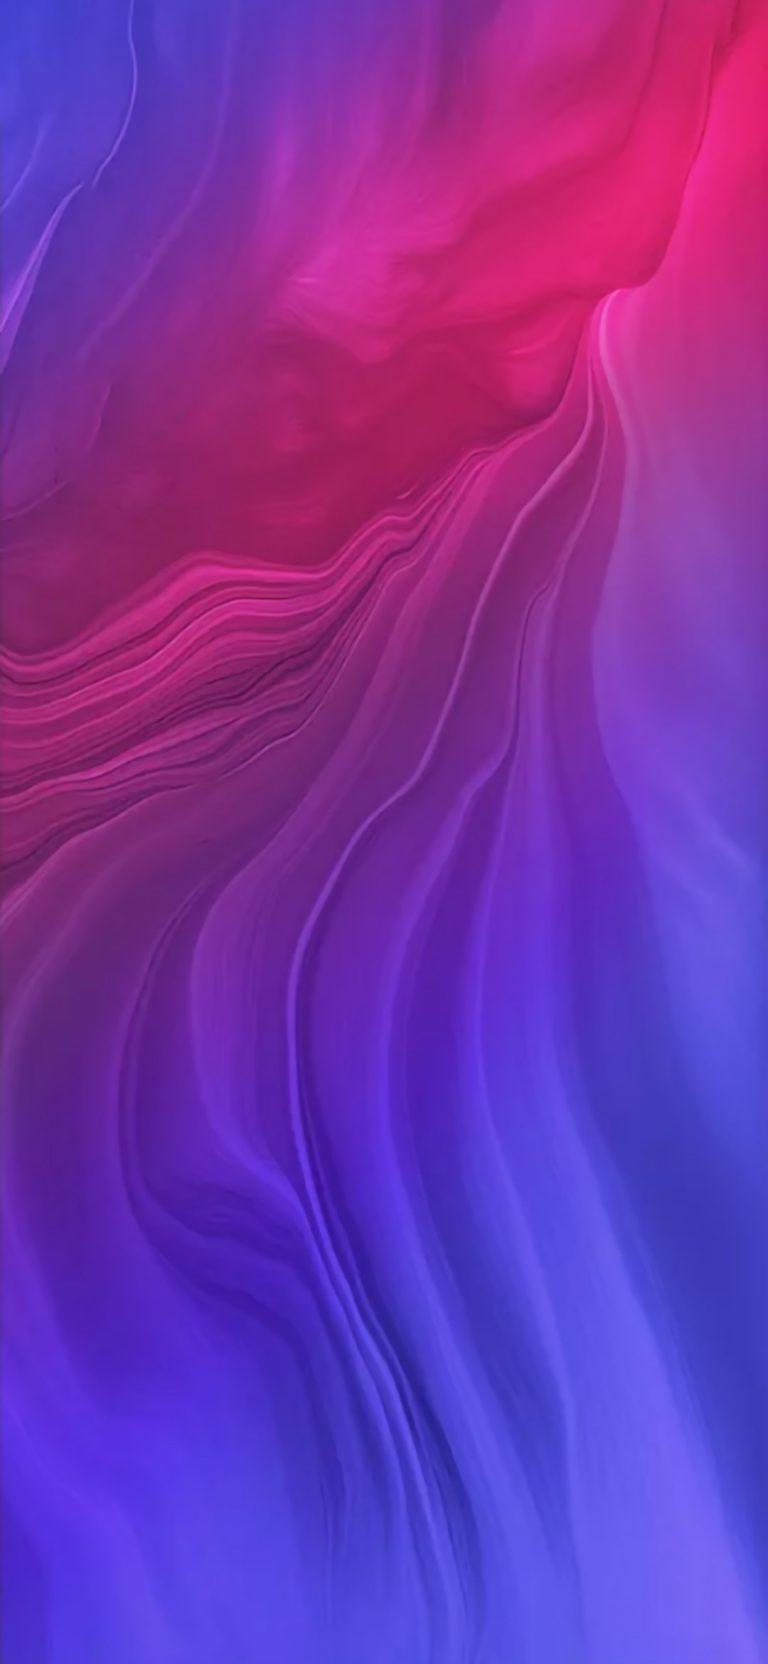 Oppo Reno Z Stock Wallpaper 02 1080x2340 768x1664